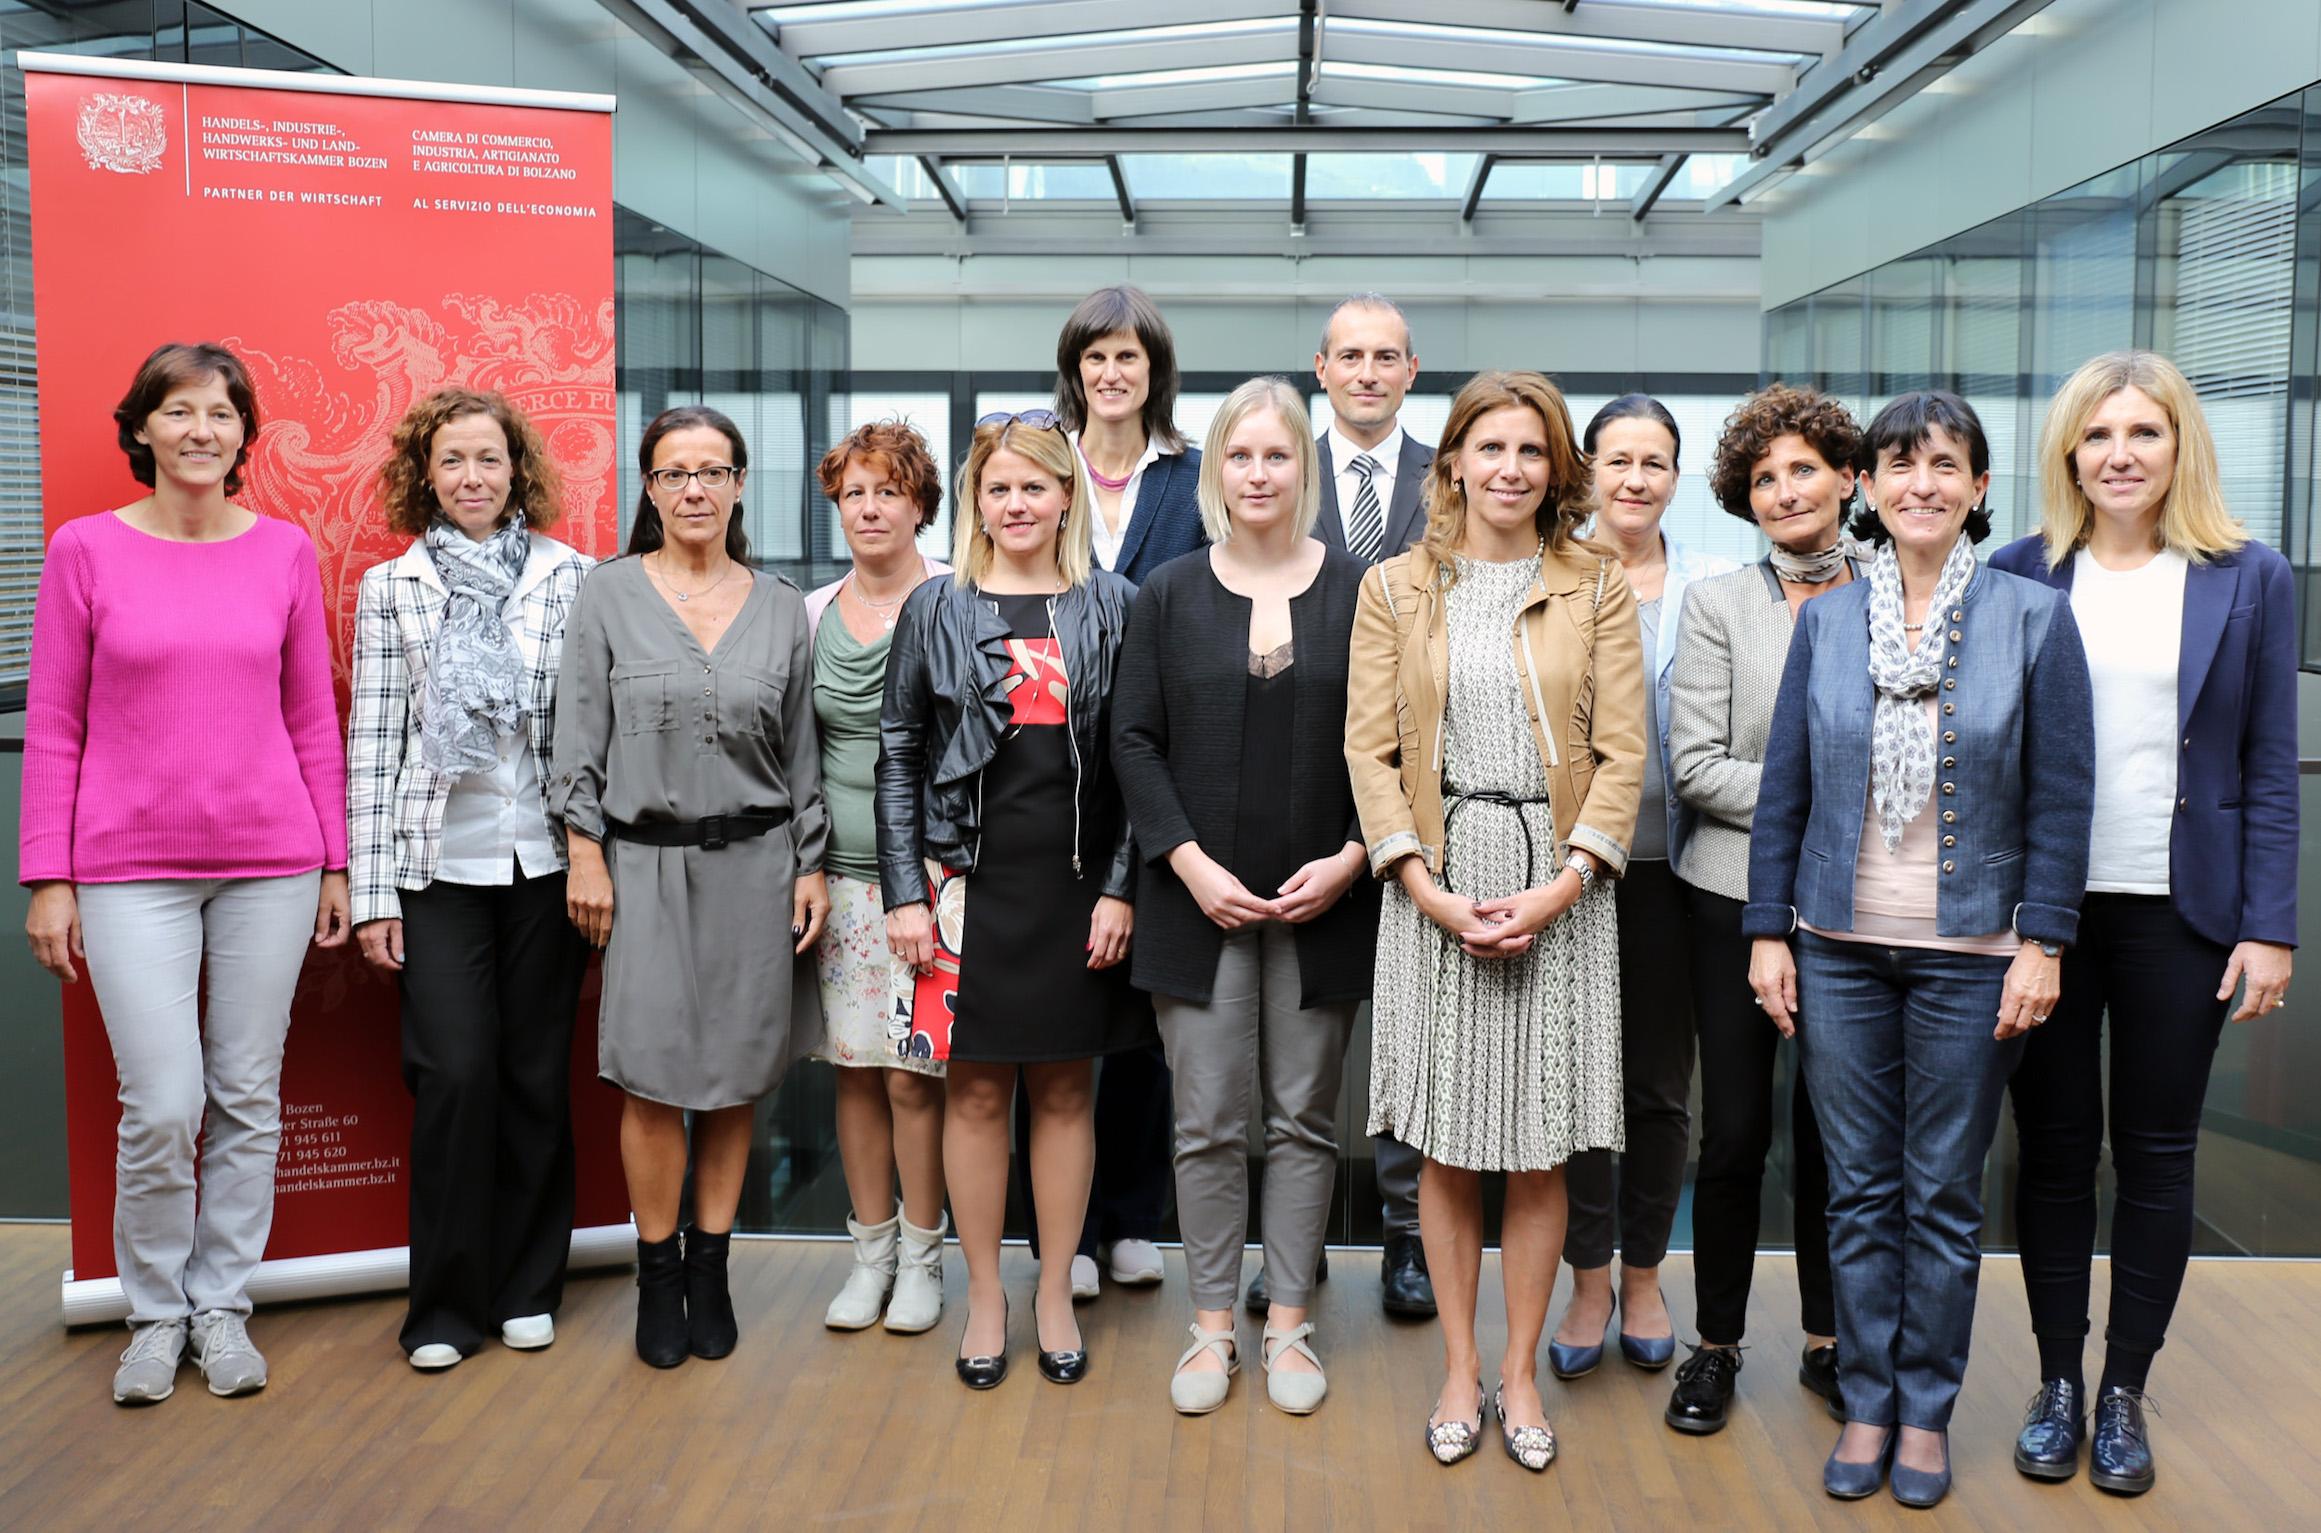 Comitato per la promozione dell'imprenditoria femminile (c) hk